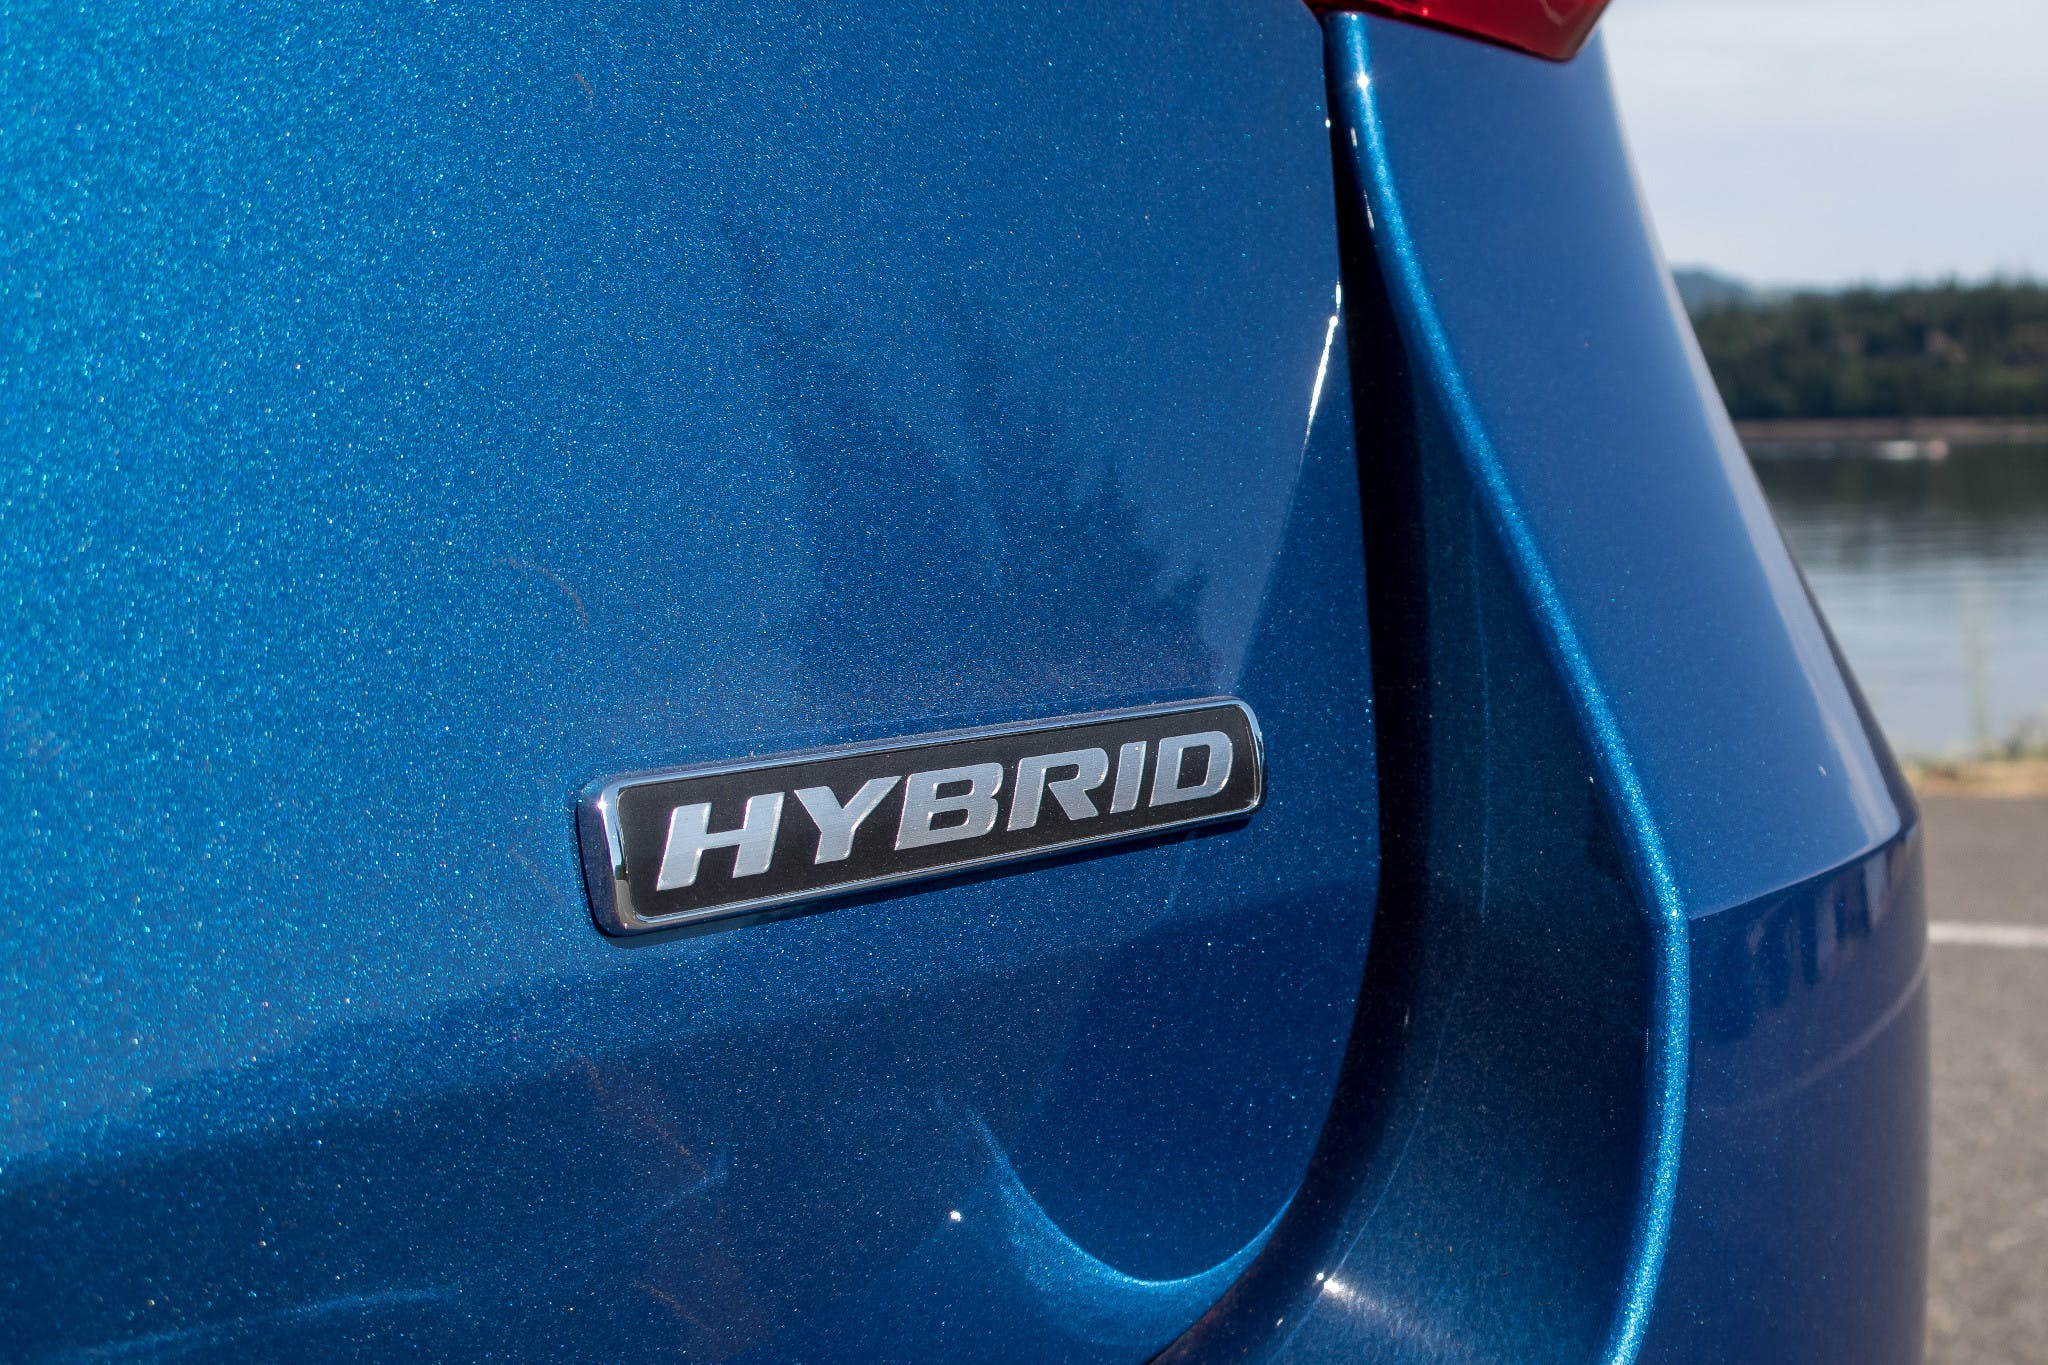 2020 Ford Explorer Hybrid rear logo